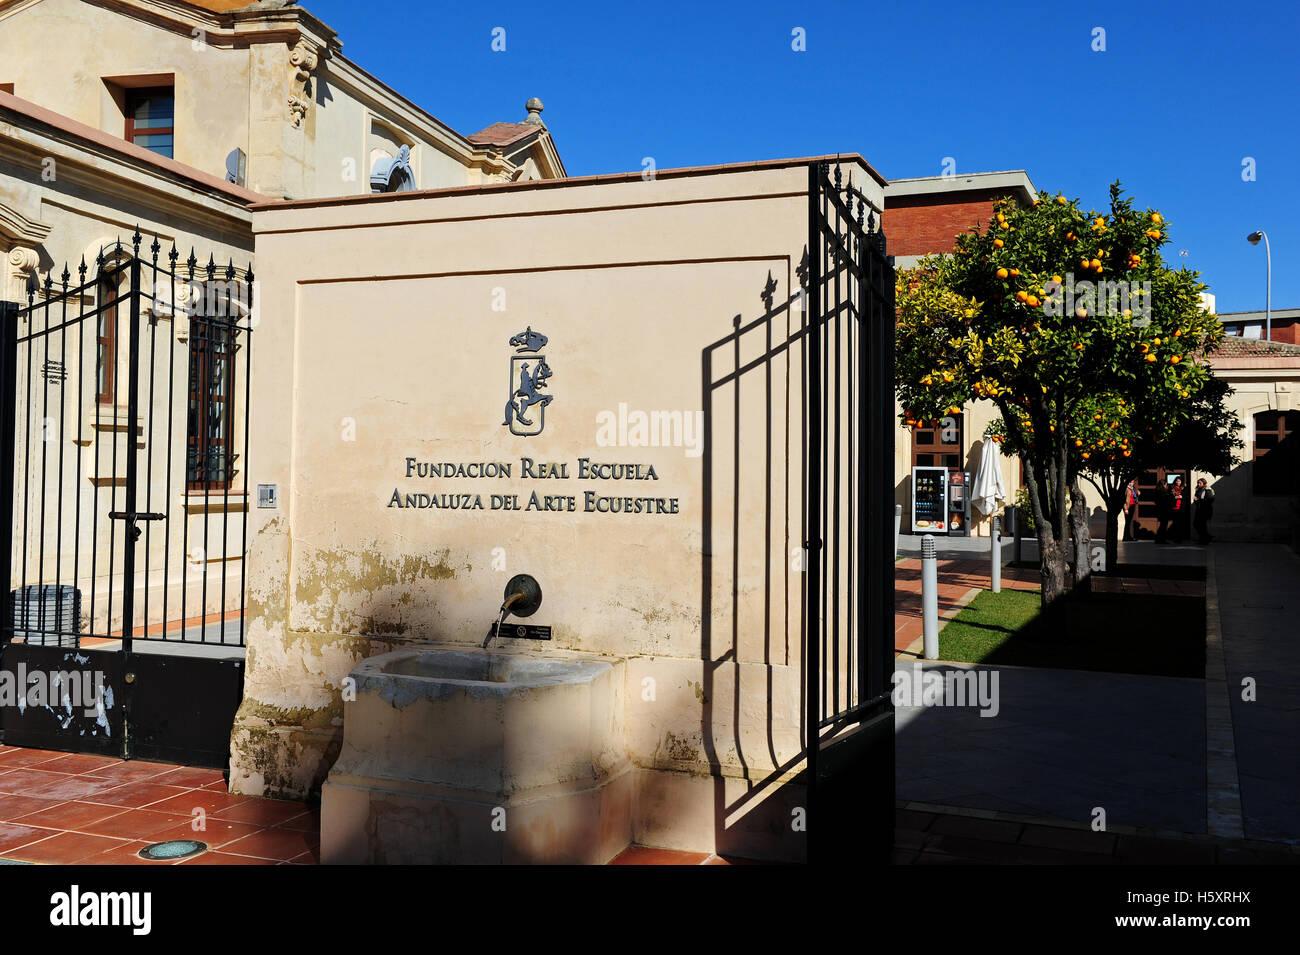 The Entrance To The Fundacion Real Escuela Andaluza Del Arte Ecuestre Stock Photo Alamy